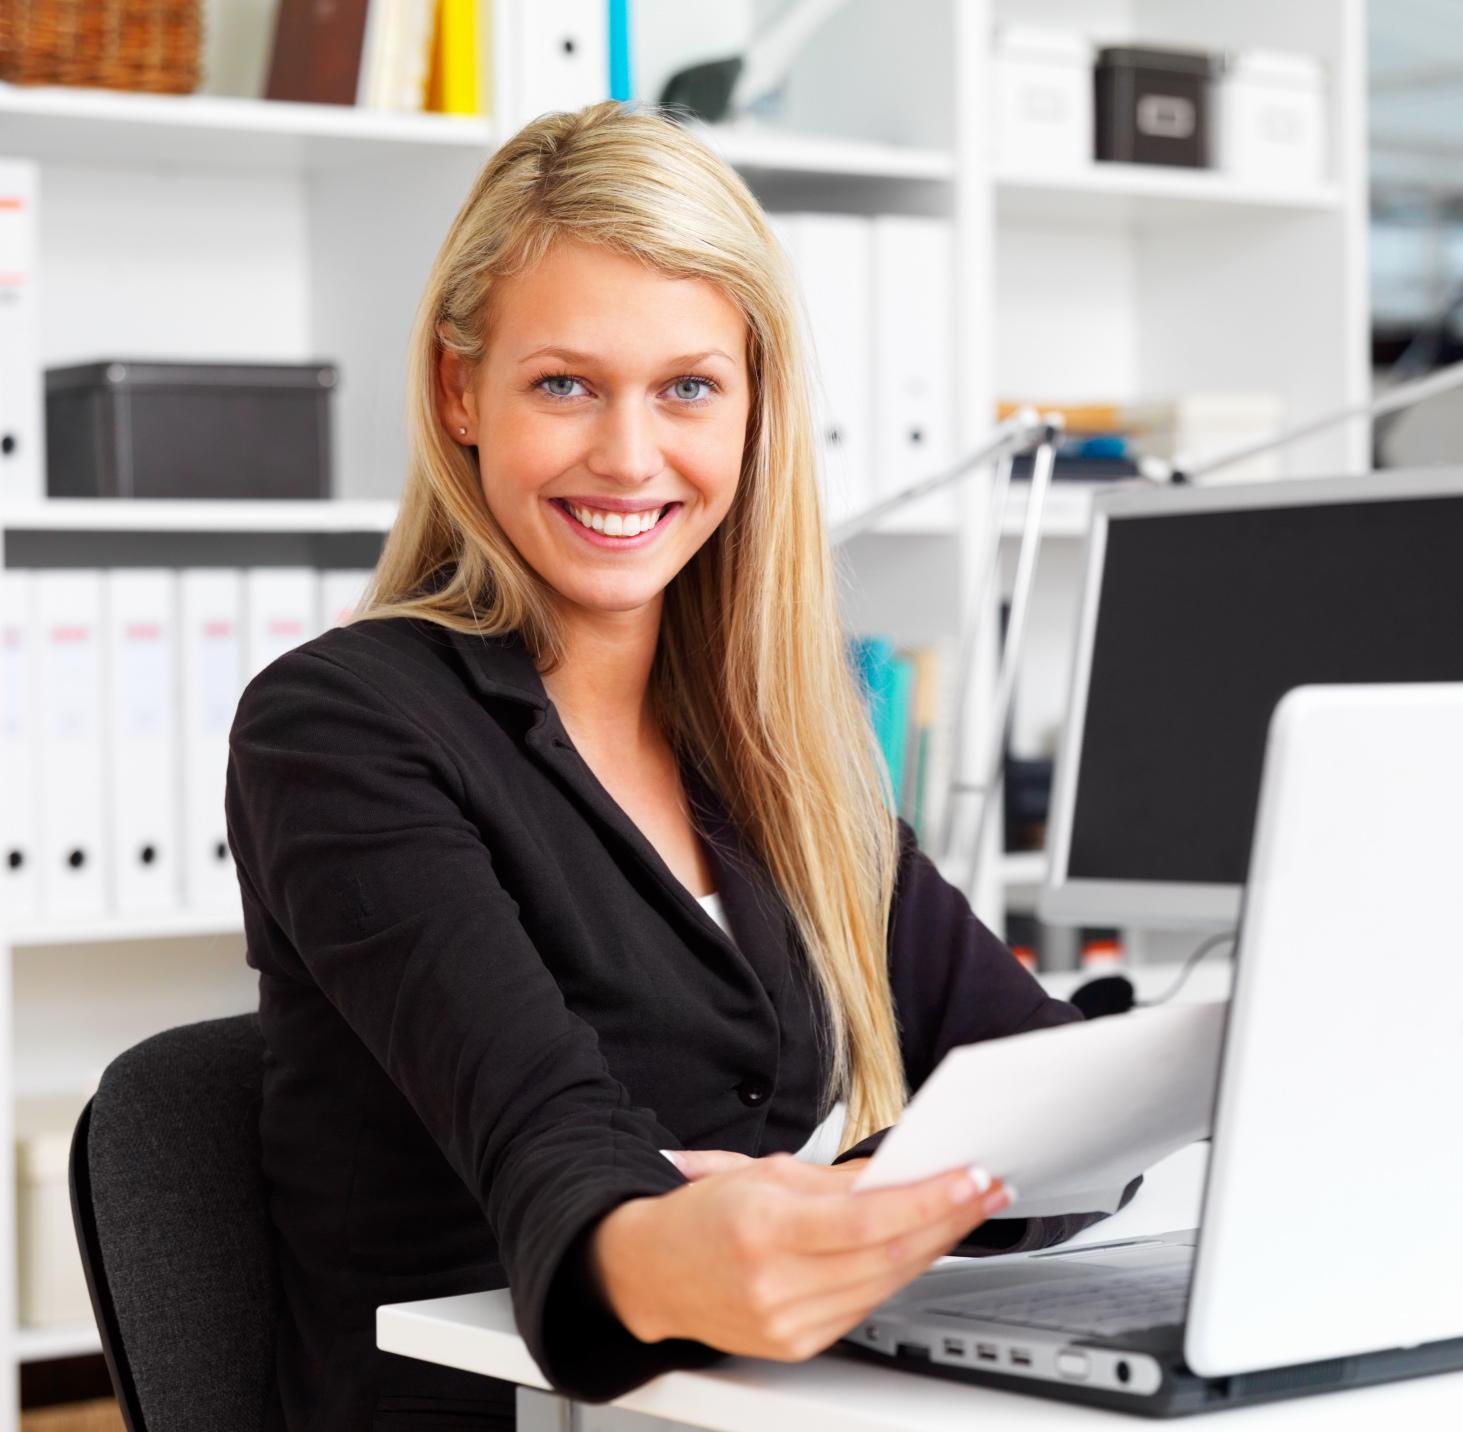 Обучение работы бухгалтера на дому работа бухгалтером на дому северодвинск